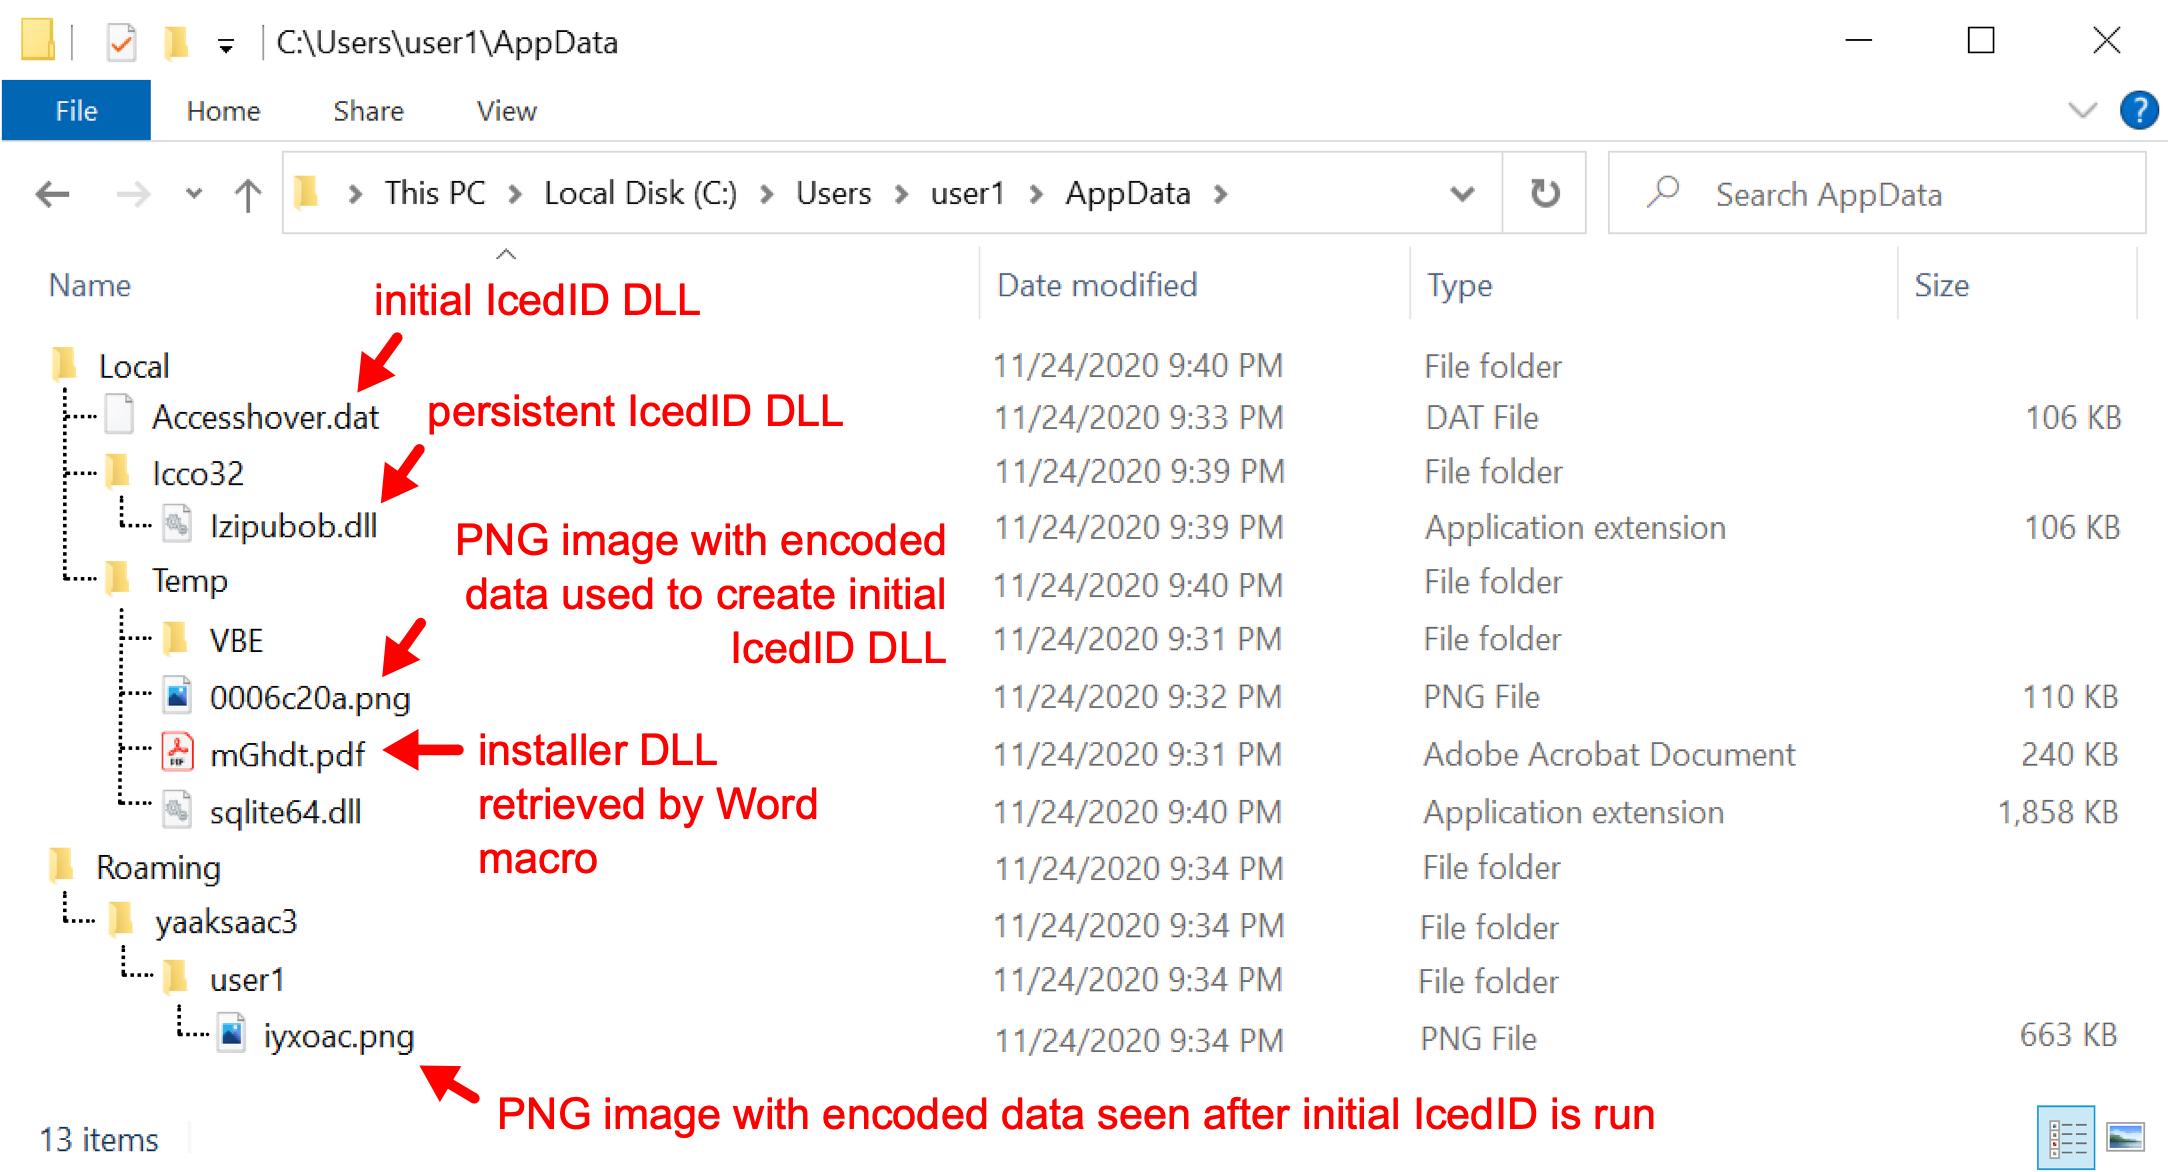 2020年11月24日、IcedID感染によるアーティファクトには、初期IcedID DLL、永続的なIcedID DLL、初期IcedID DLLの作成に使用されるエンコードされたデータを含むPNGイメージ、Wordマクロによって取得されるインストーラーDLL、最初のIcedIDの実行後に見られるエンコードされたデータを含むPNGイメージなどのファイルやディレクトリが含まれています。赤い矢印は、スクリーンショット内のこれらのファイルとディレクトリを示しています。